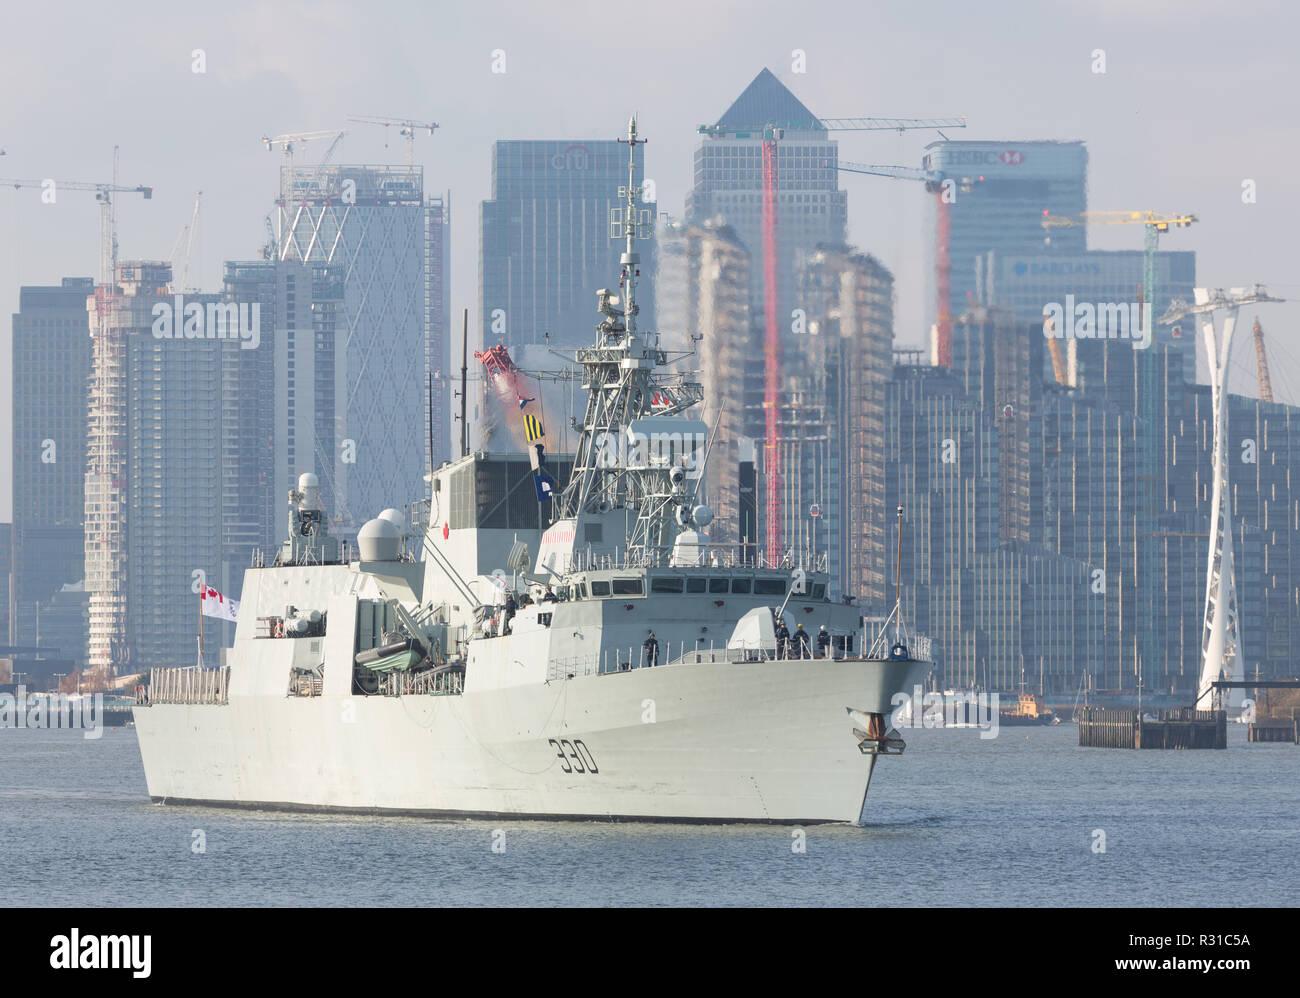 Greenwich, Londres, Reino Unido. 21 de noviembre de 2018. 134 metros de largo cada una fragata canadiense HMCS Halifax visto navegando por el Támesis hoy, después de casi una semana de visita a la capital. Rob Powell/Alamy Live News Imagen De Stock